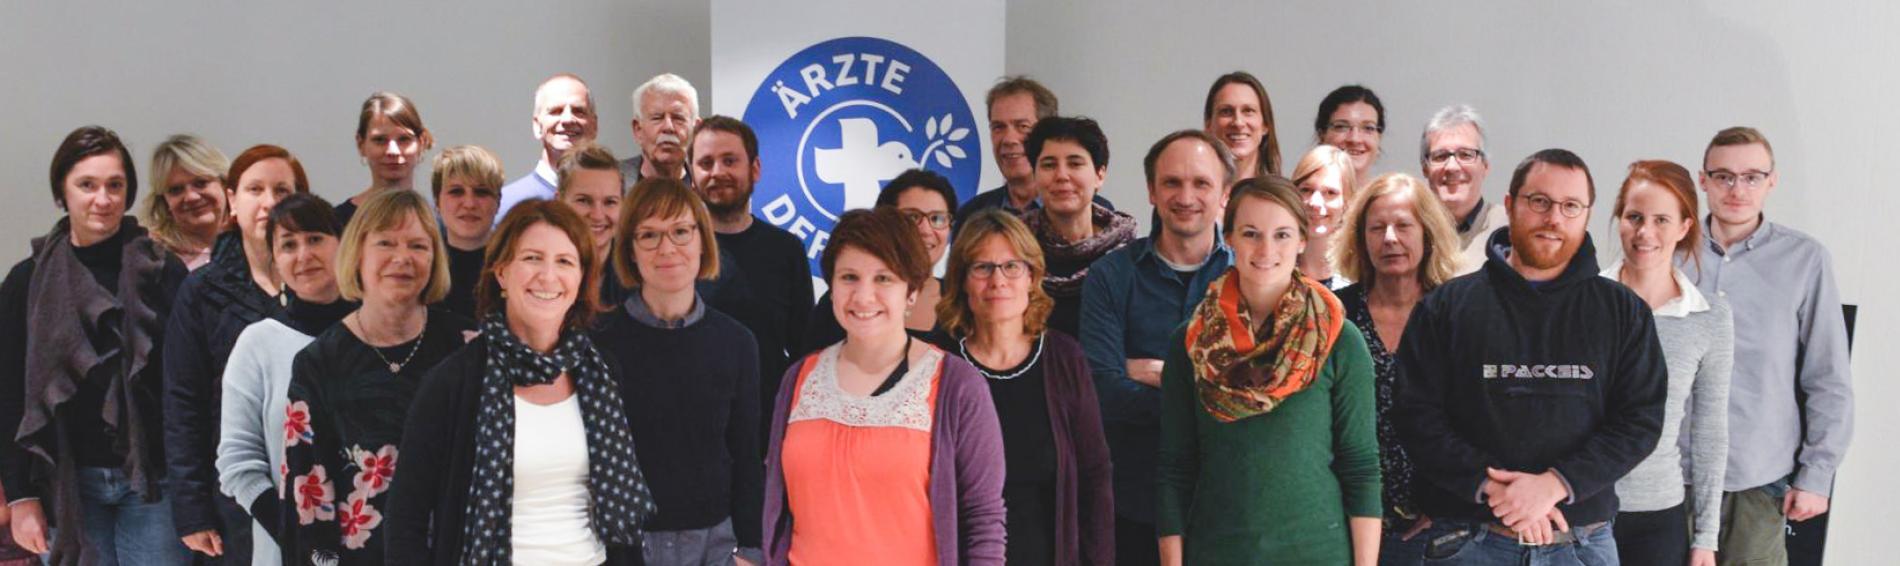 Gruppenbild Ärzte der Welt-Mitarbeiter